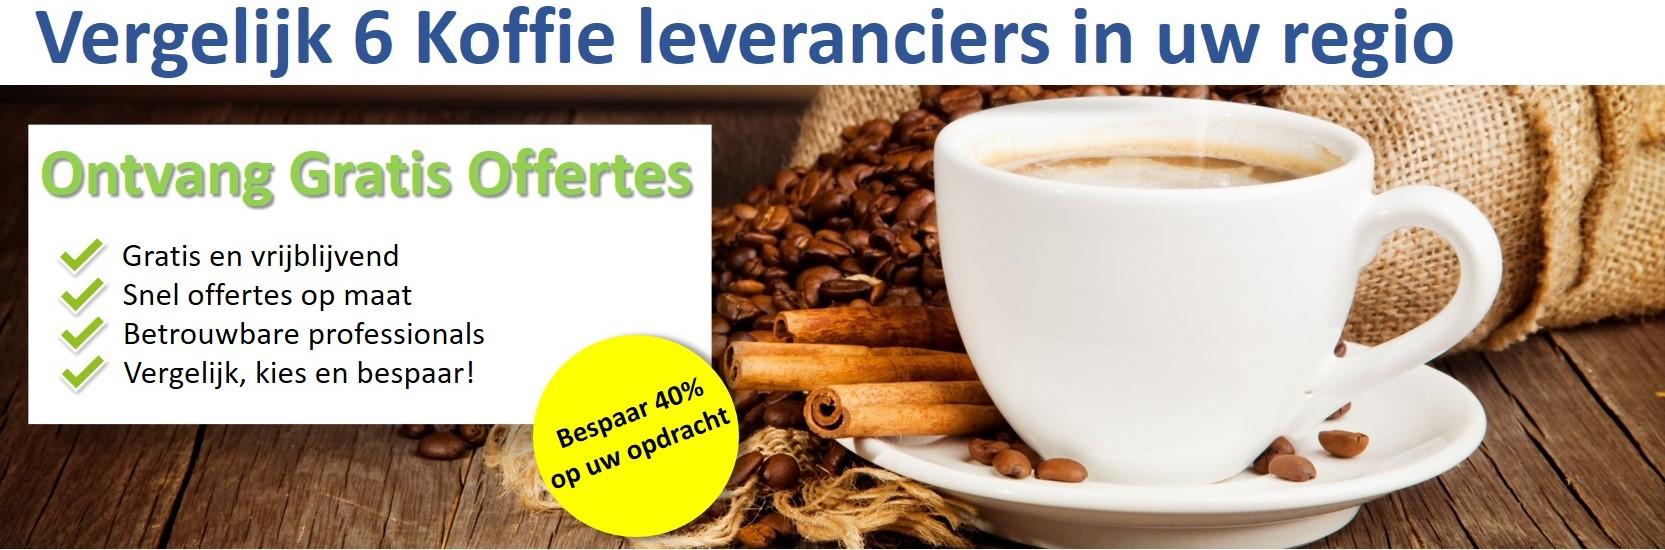 Koffie leveranciers banner